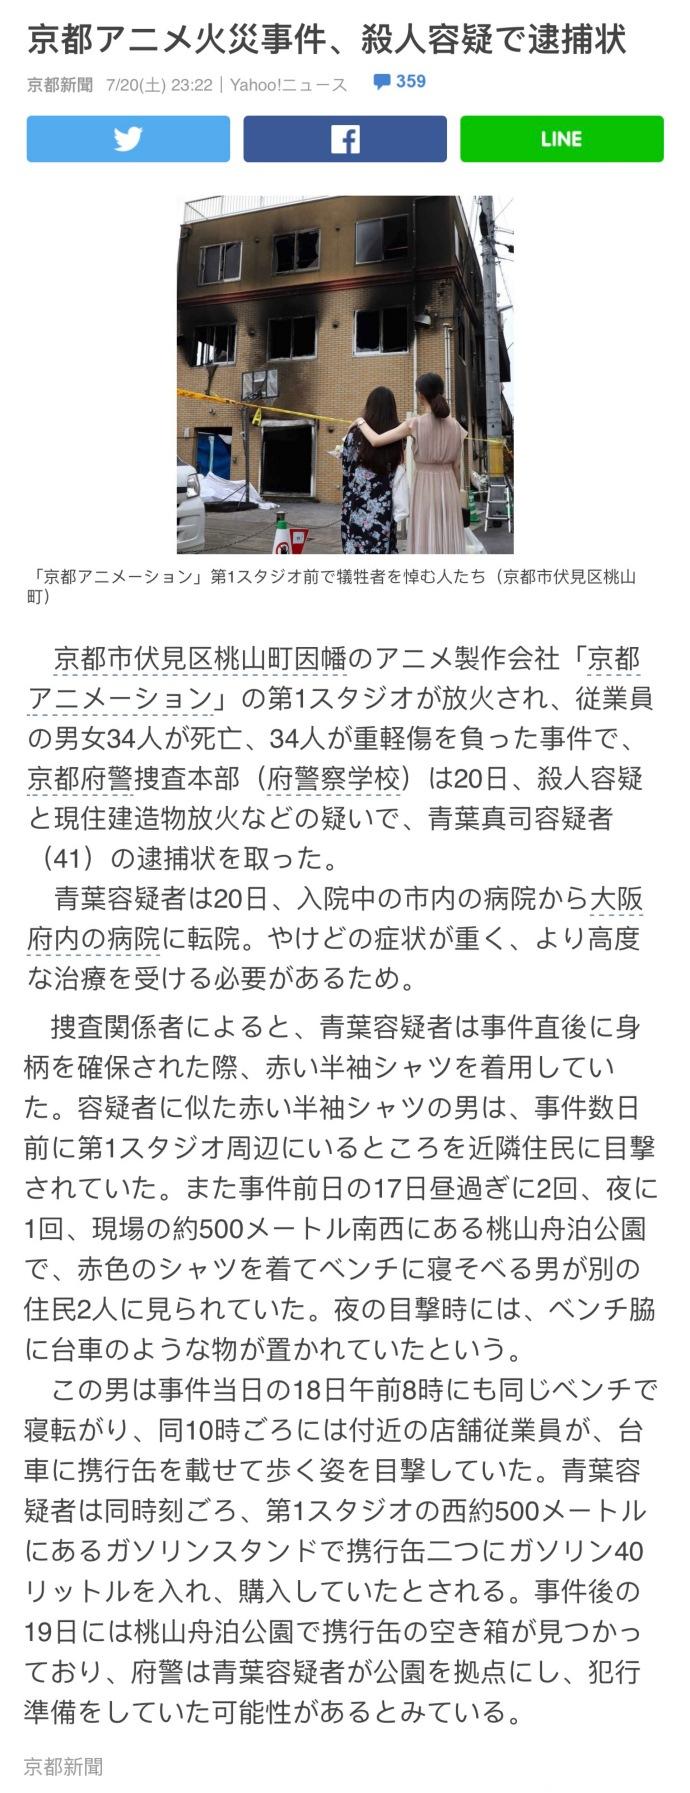 警方正式向京都动画火灾事件嫌疑人下达逮捕令:涉嫌纵火与杀人